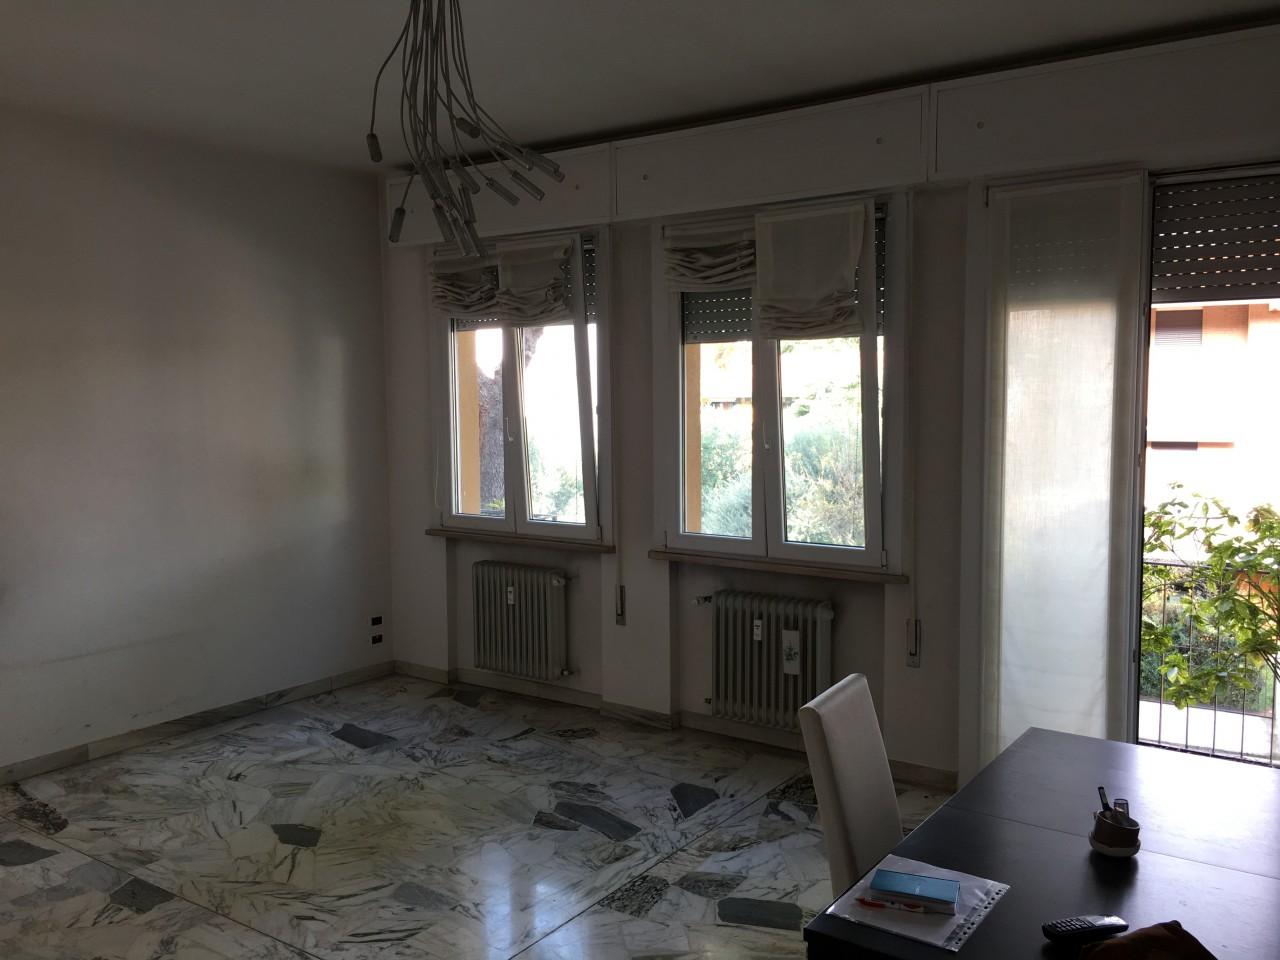 Appartamento con 2 camere - Zona Sacra Famiglia